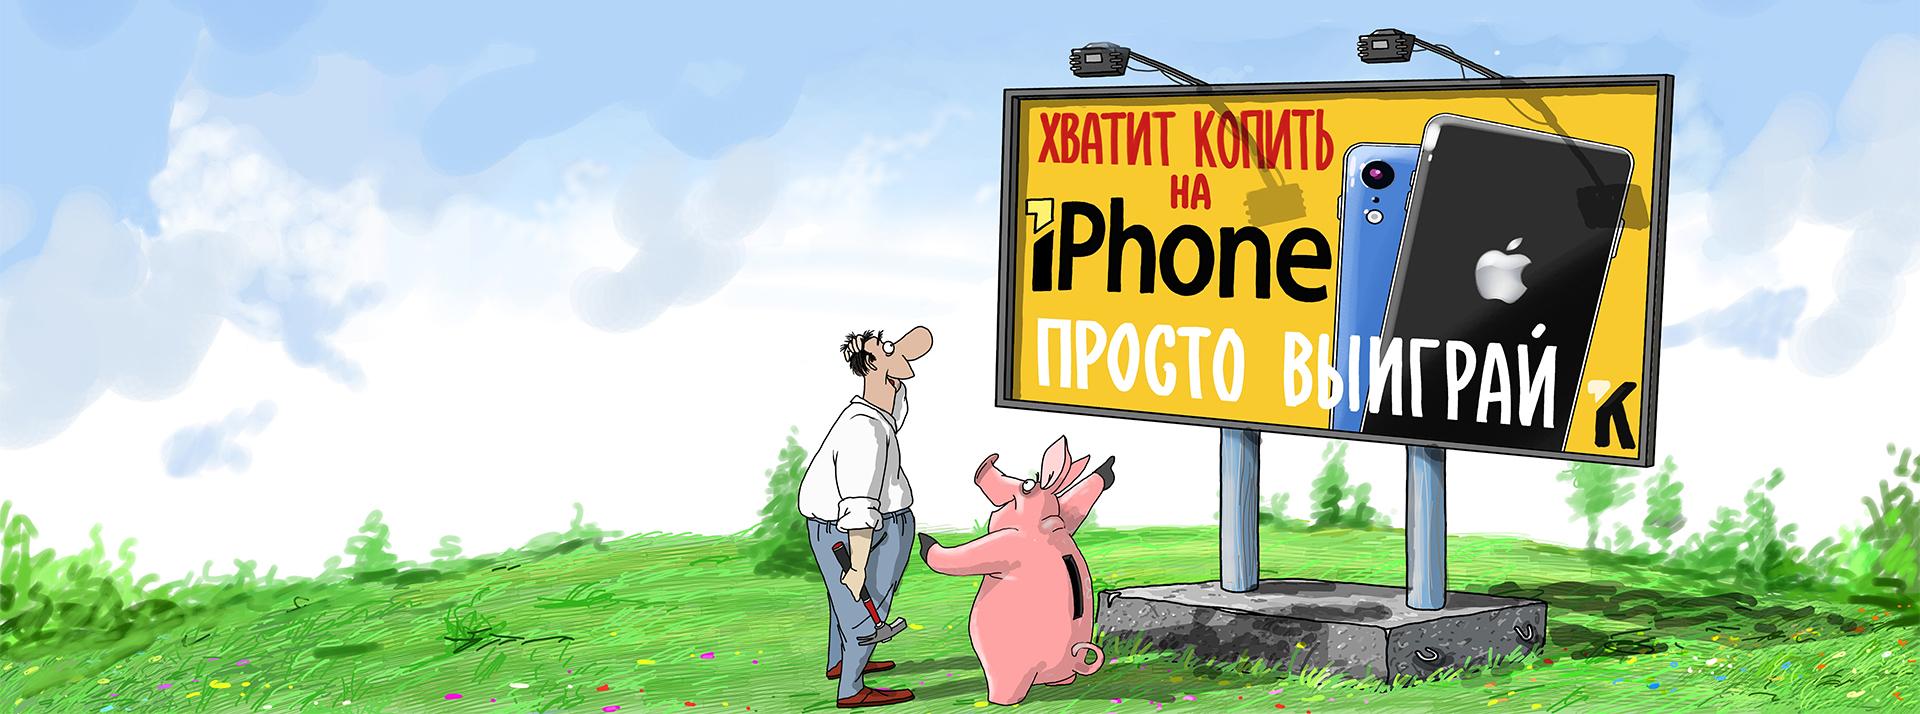 Новая акция на Бирже Kwork - разыгрывается iPhone и деньги на баланс